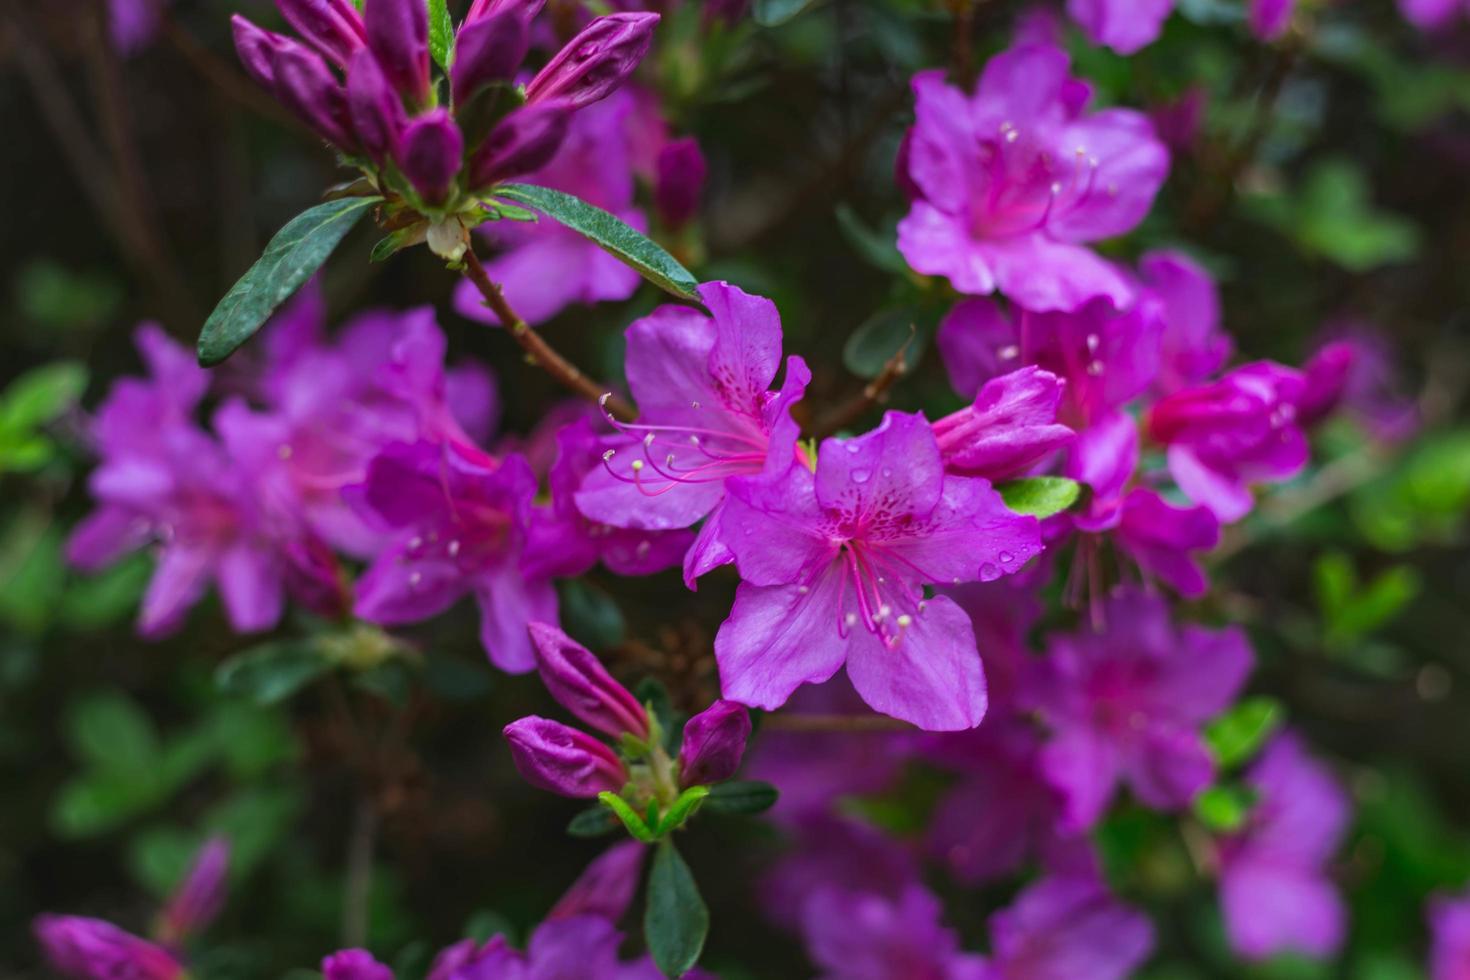 floreciendo flores moradas foto